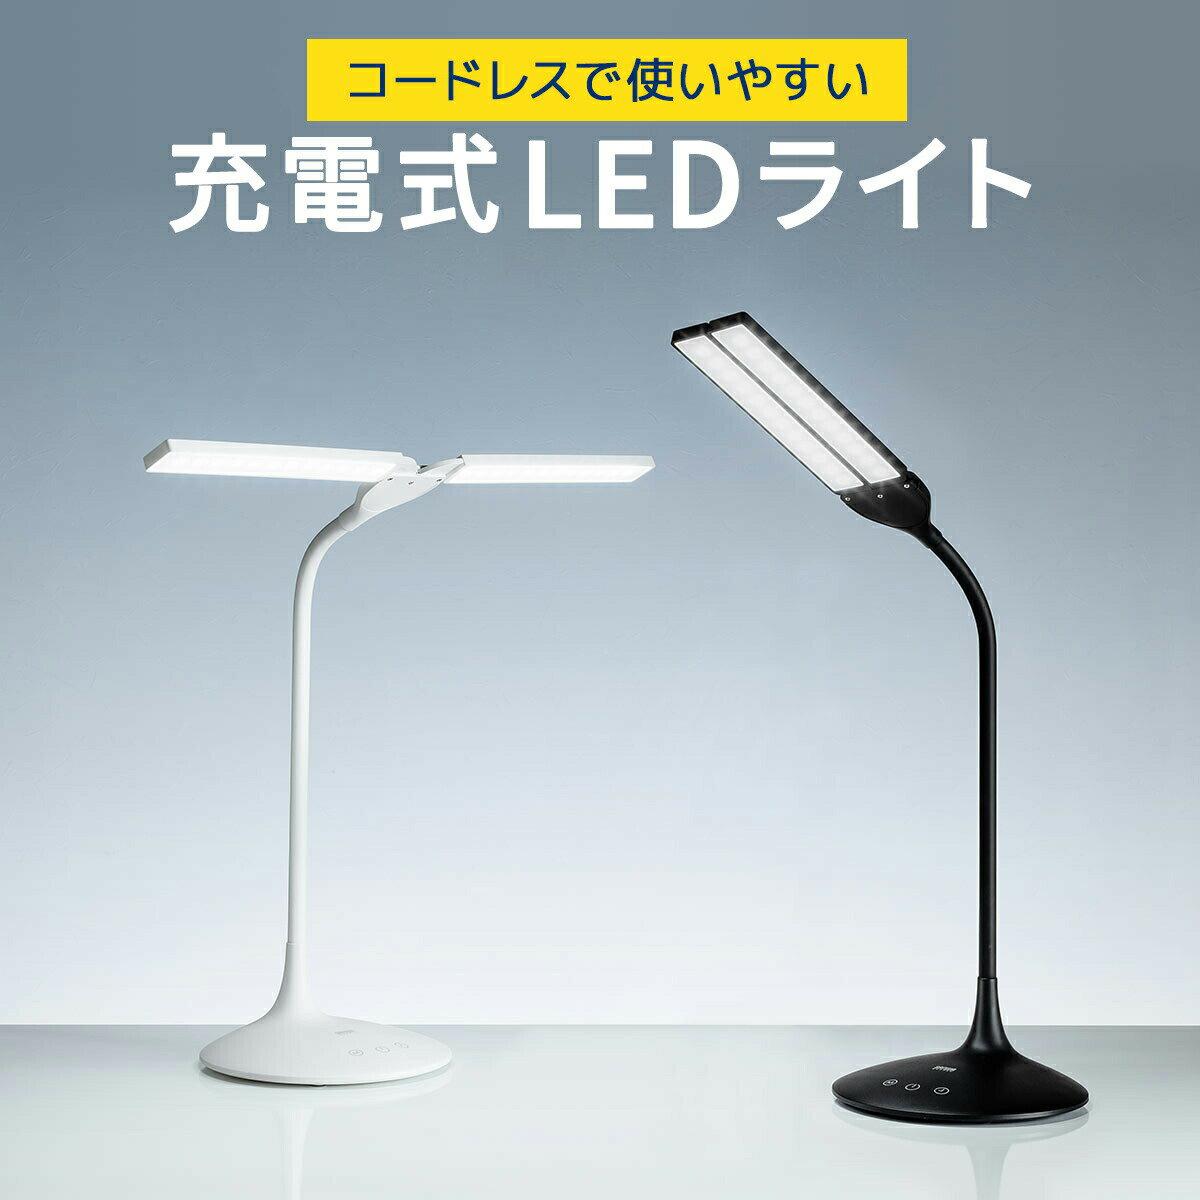 サンワダイレクト LEDデスクライト